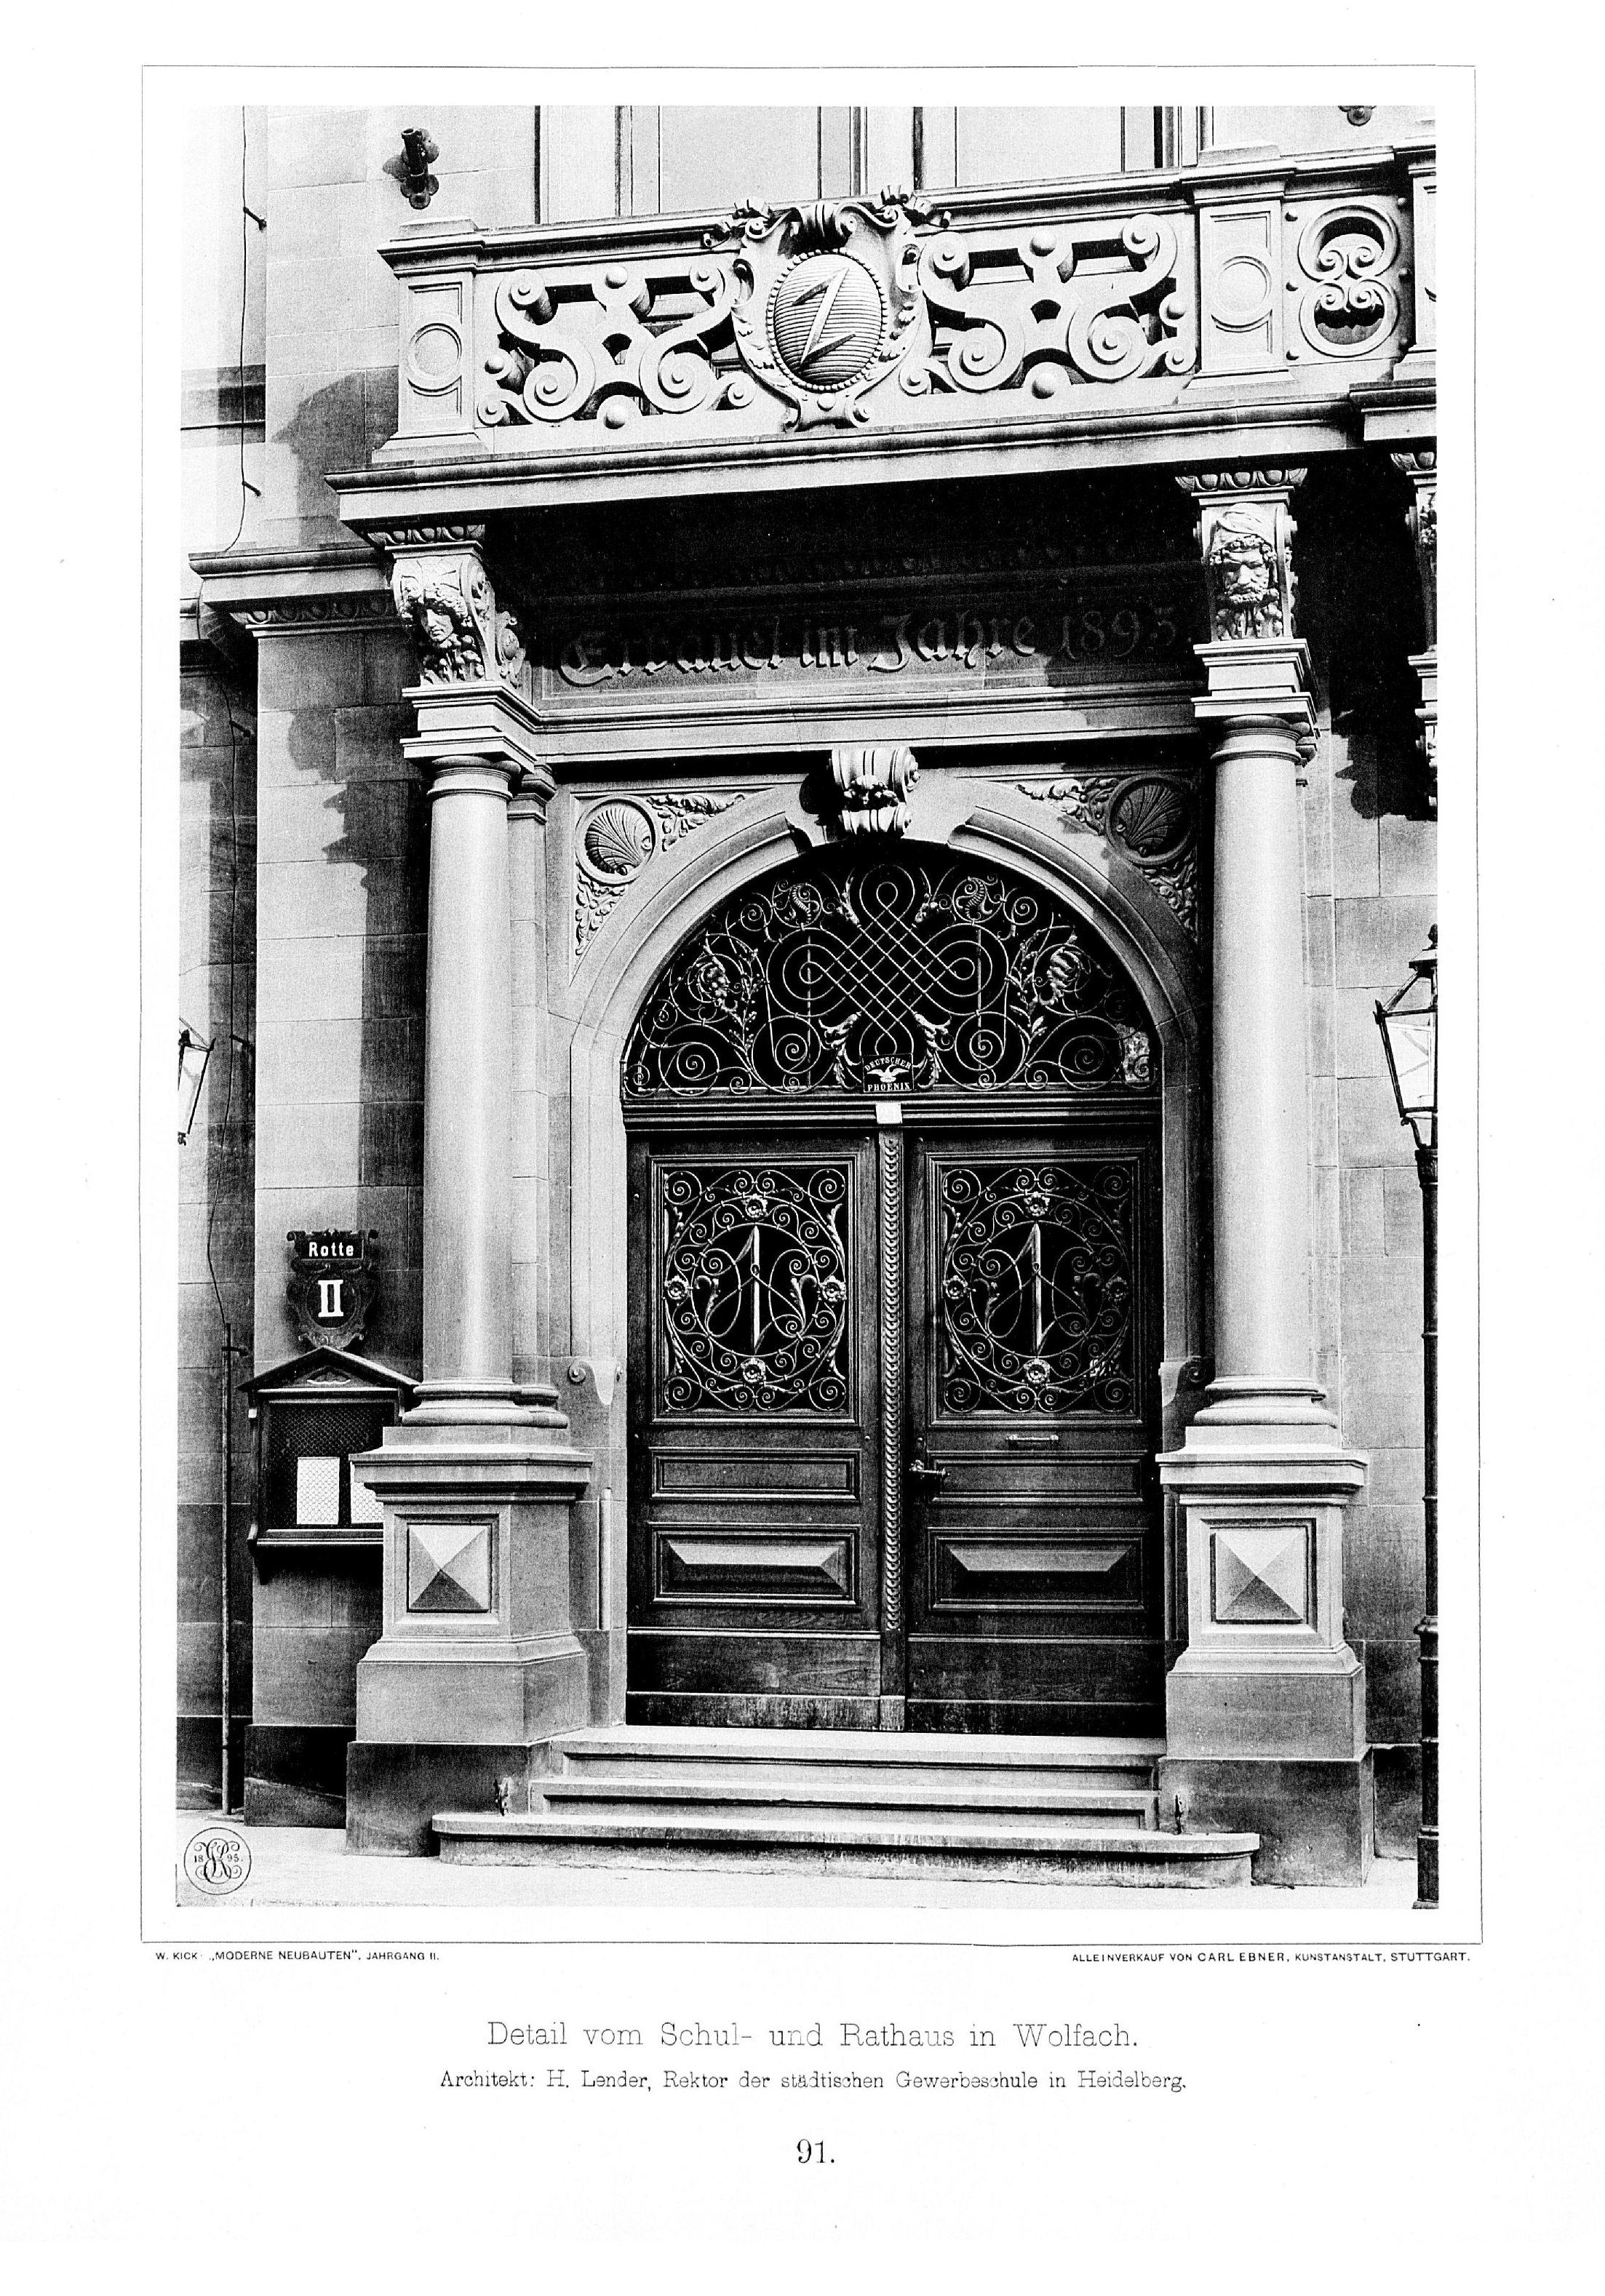 Architekt Heidelberg file schul und rathaus in wolfach baden architekt h lender